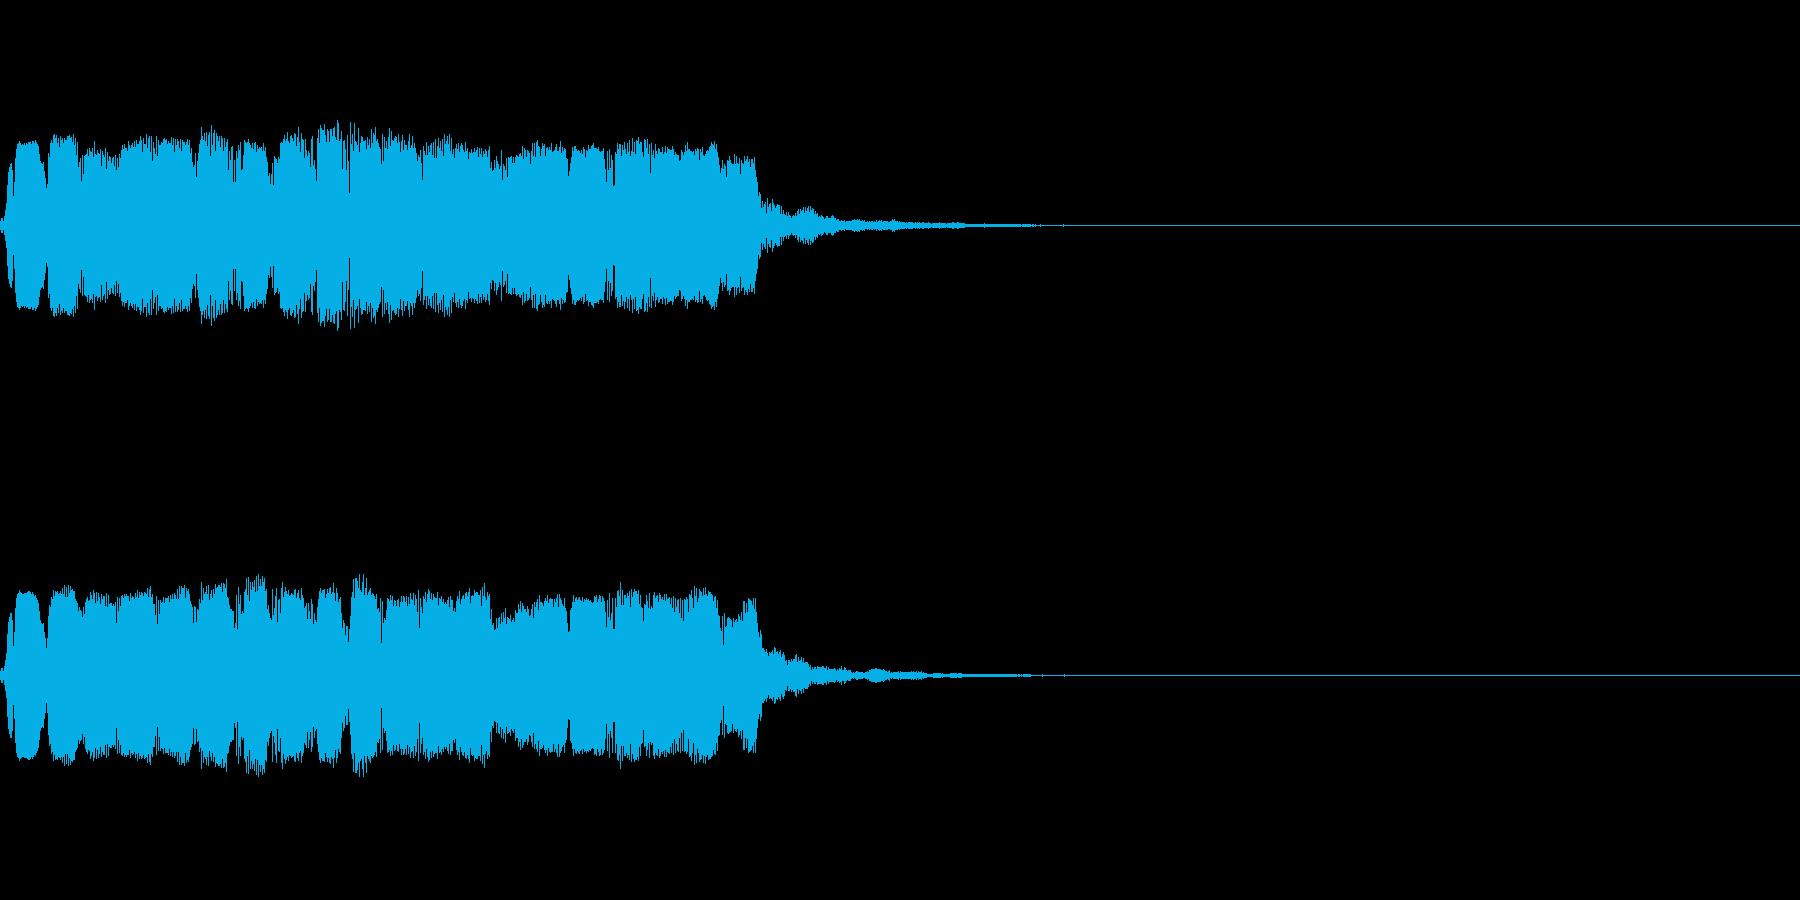 和風な笛のアイキャッチ(速め)の再生済みの波形